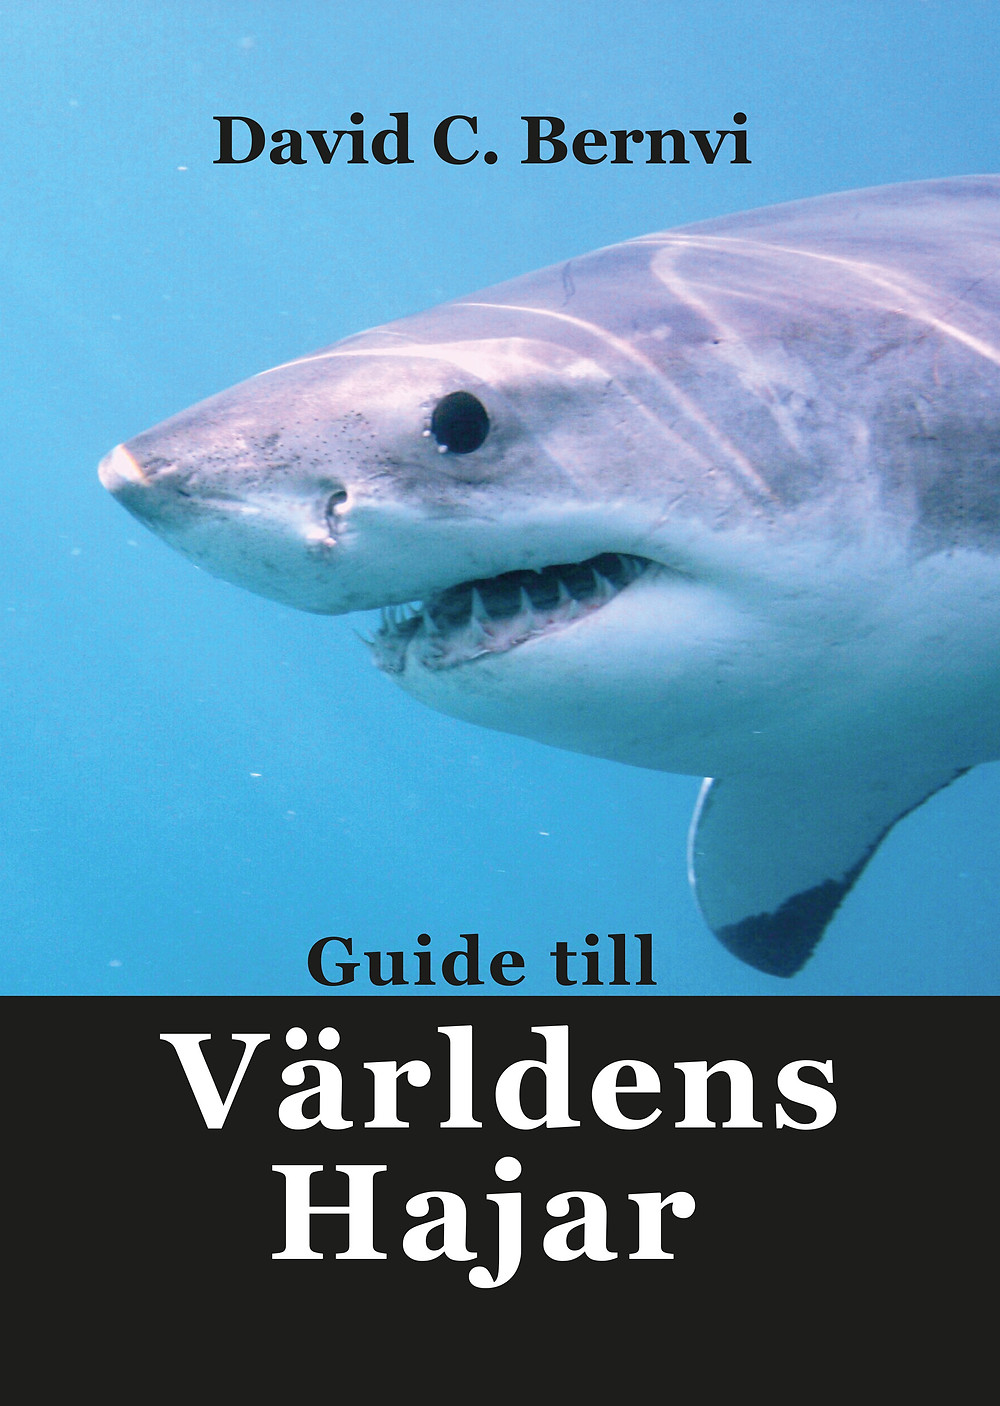 I boken hittar du flera illustrationer på brugden, däribland gälräfständer och brugdens tänder.